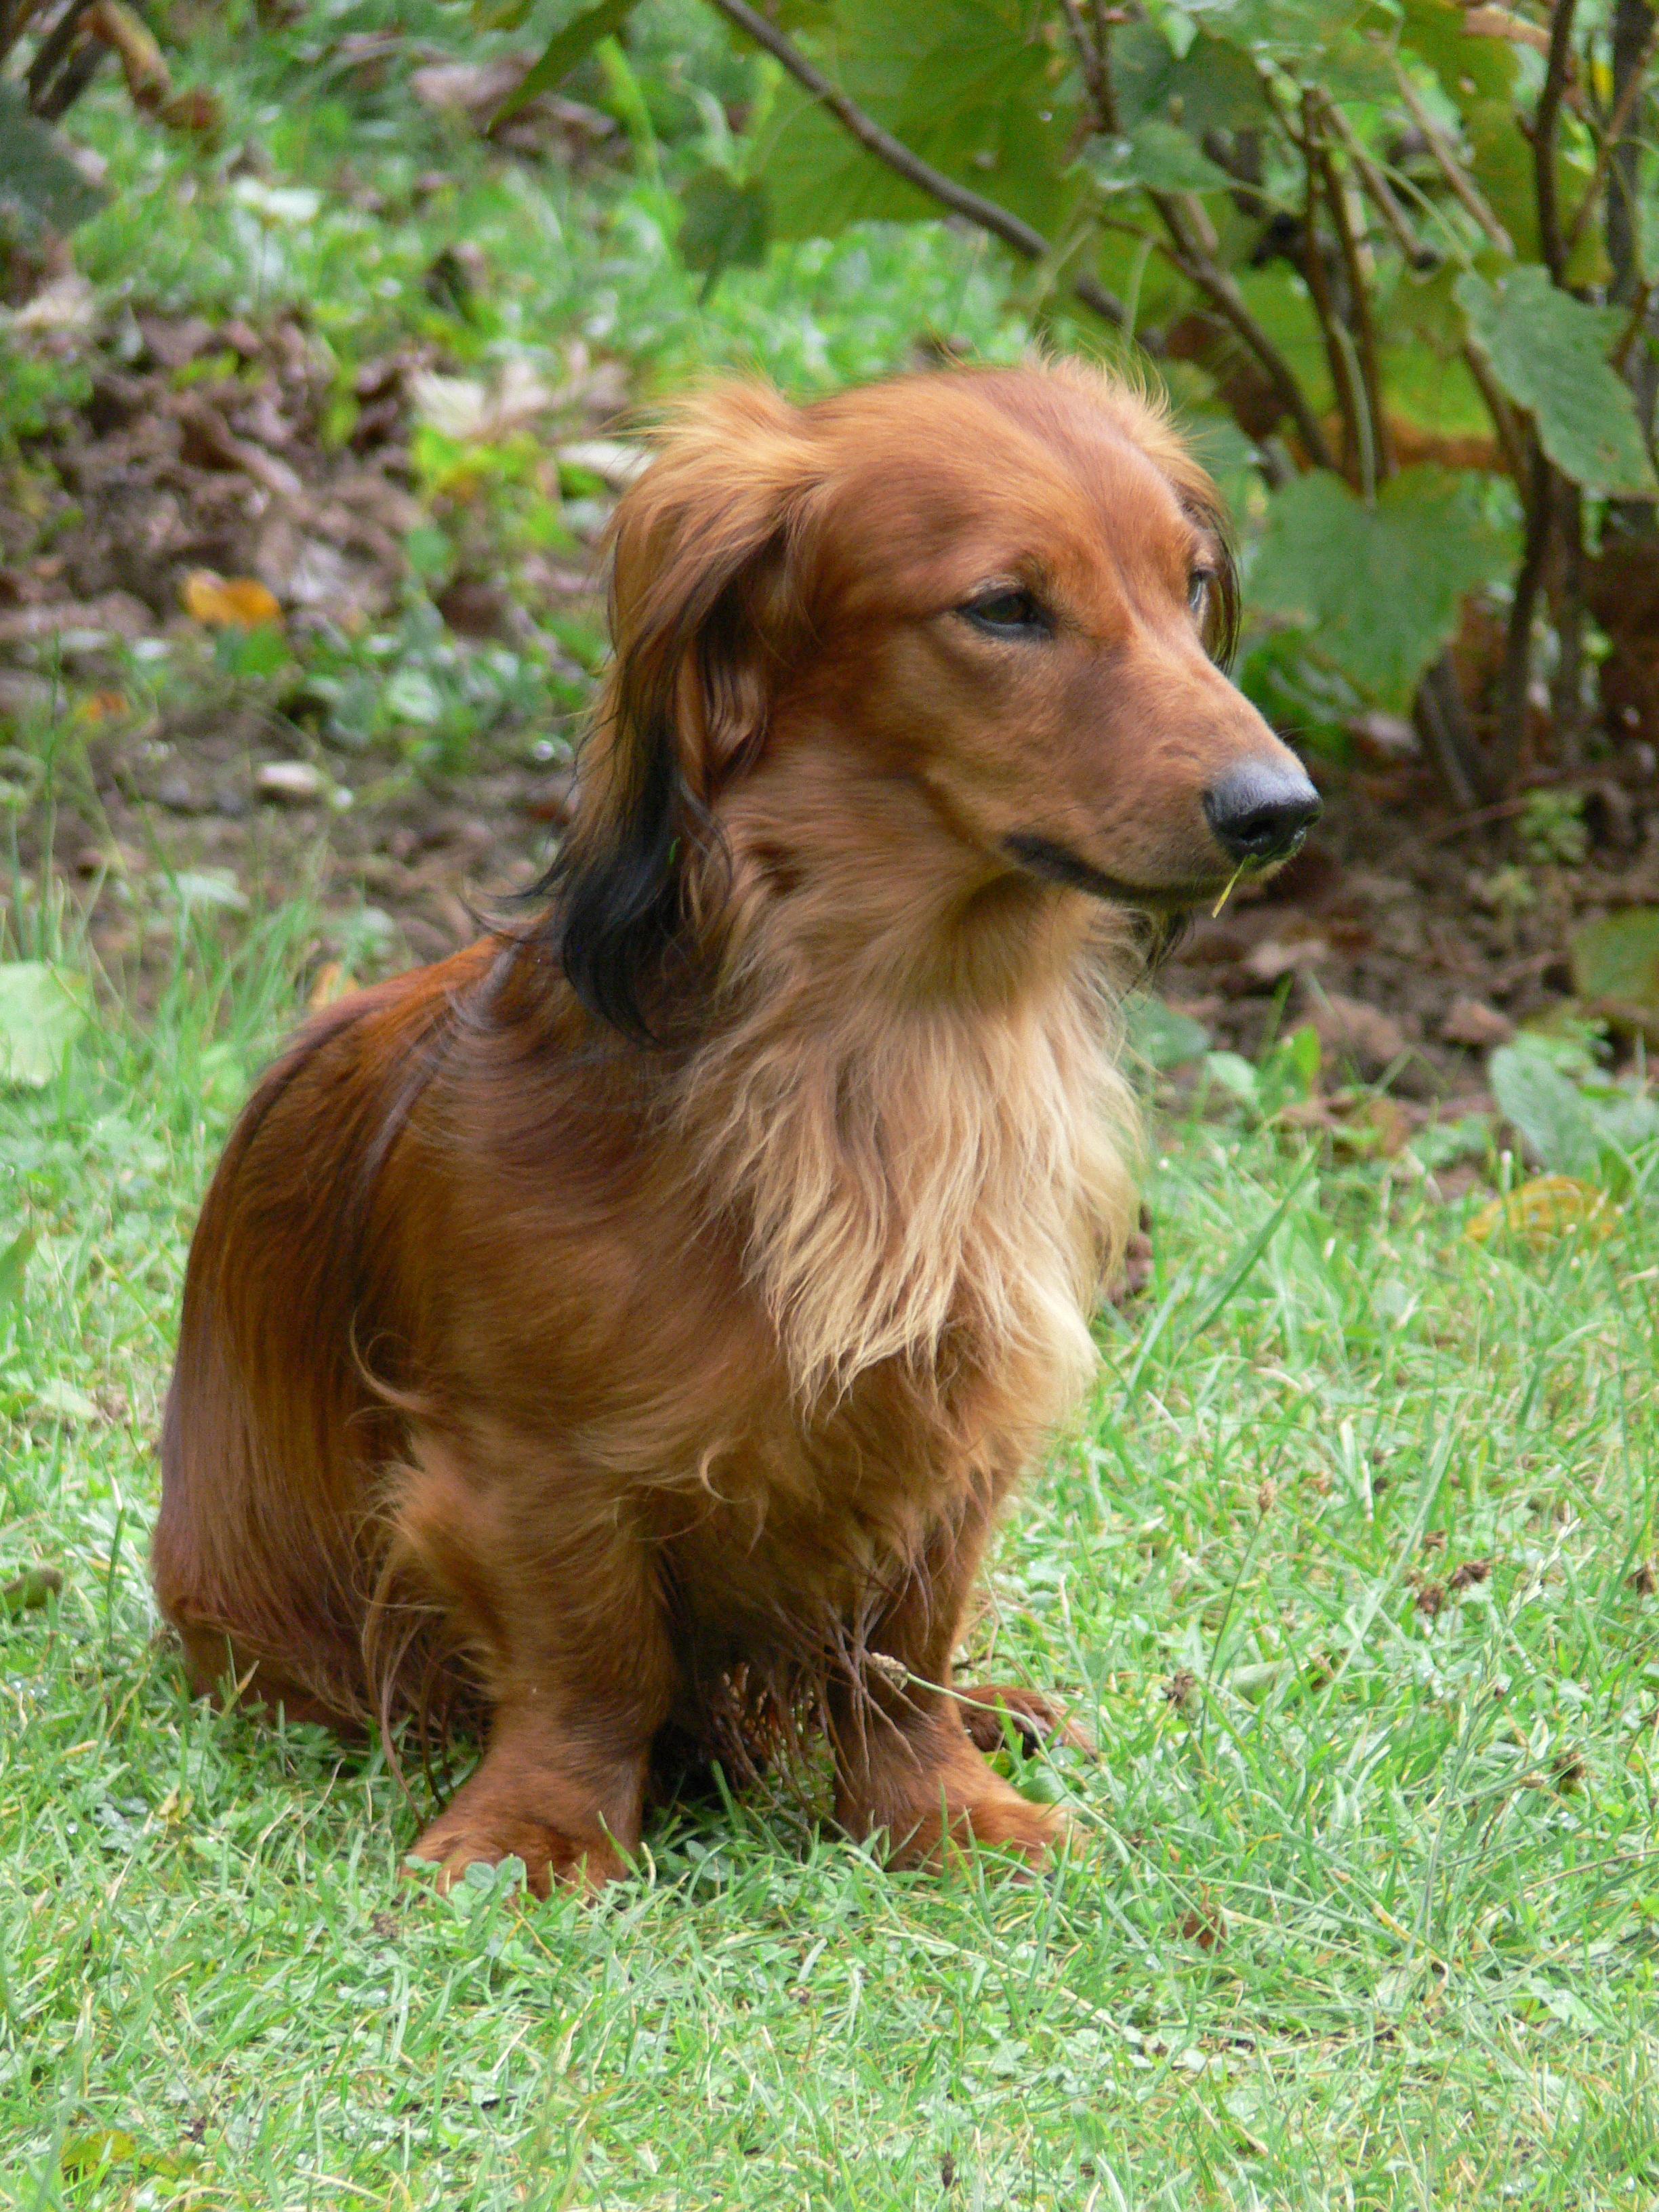 Dachshun, Animal, Bark, Dog, Ears, HQ Photo